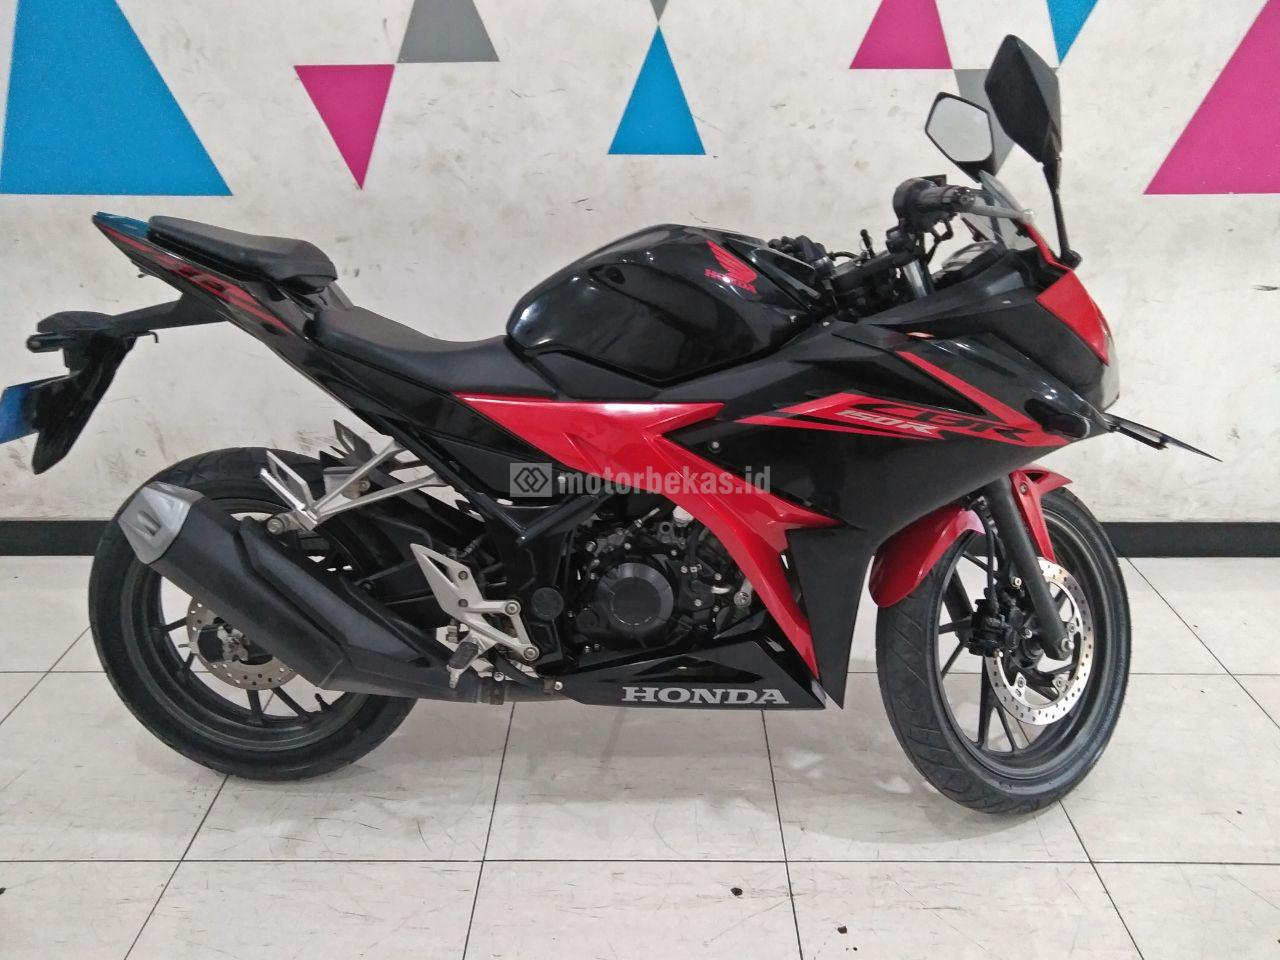 HONDA CBR 150R  4062 motorbekas.id